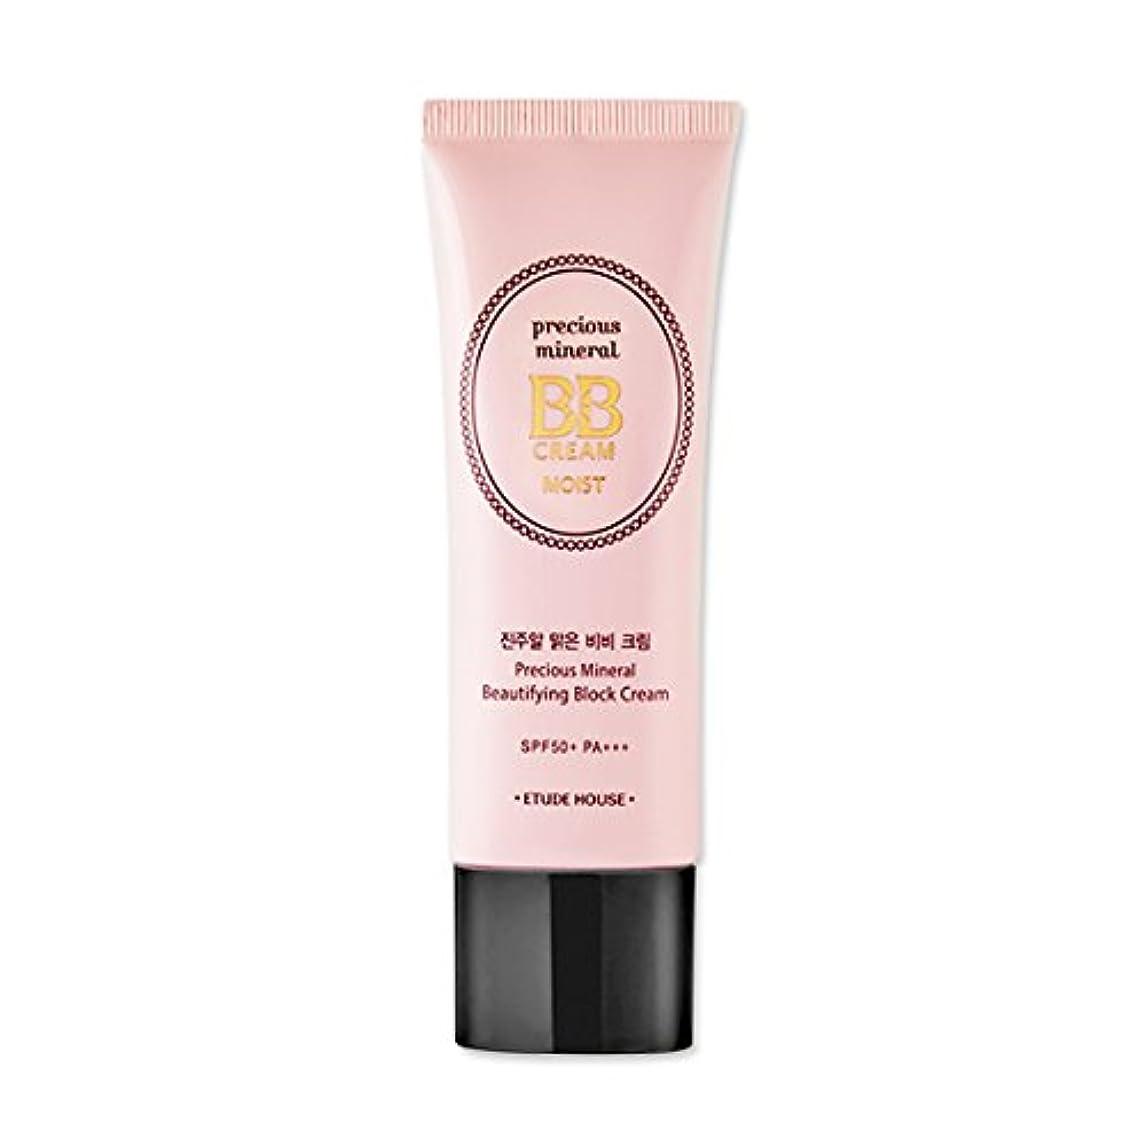 ソビエト悲観主義者雄弁家[New] ETUDE HOUSE Precious Mineral BB Cream * Moist * 45g/エチュードハウス プレシャス ミネラル BBクリーム * モイスト * 45g (#Vanilla) [...